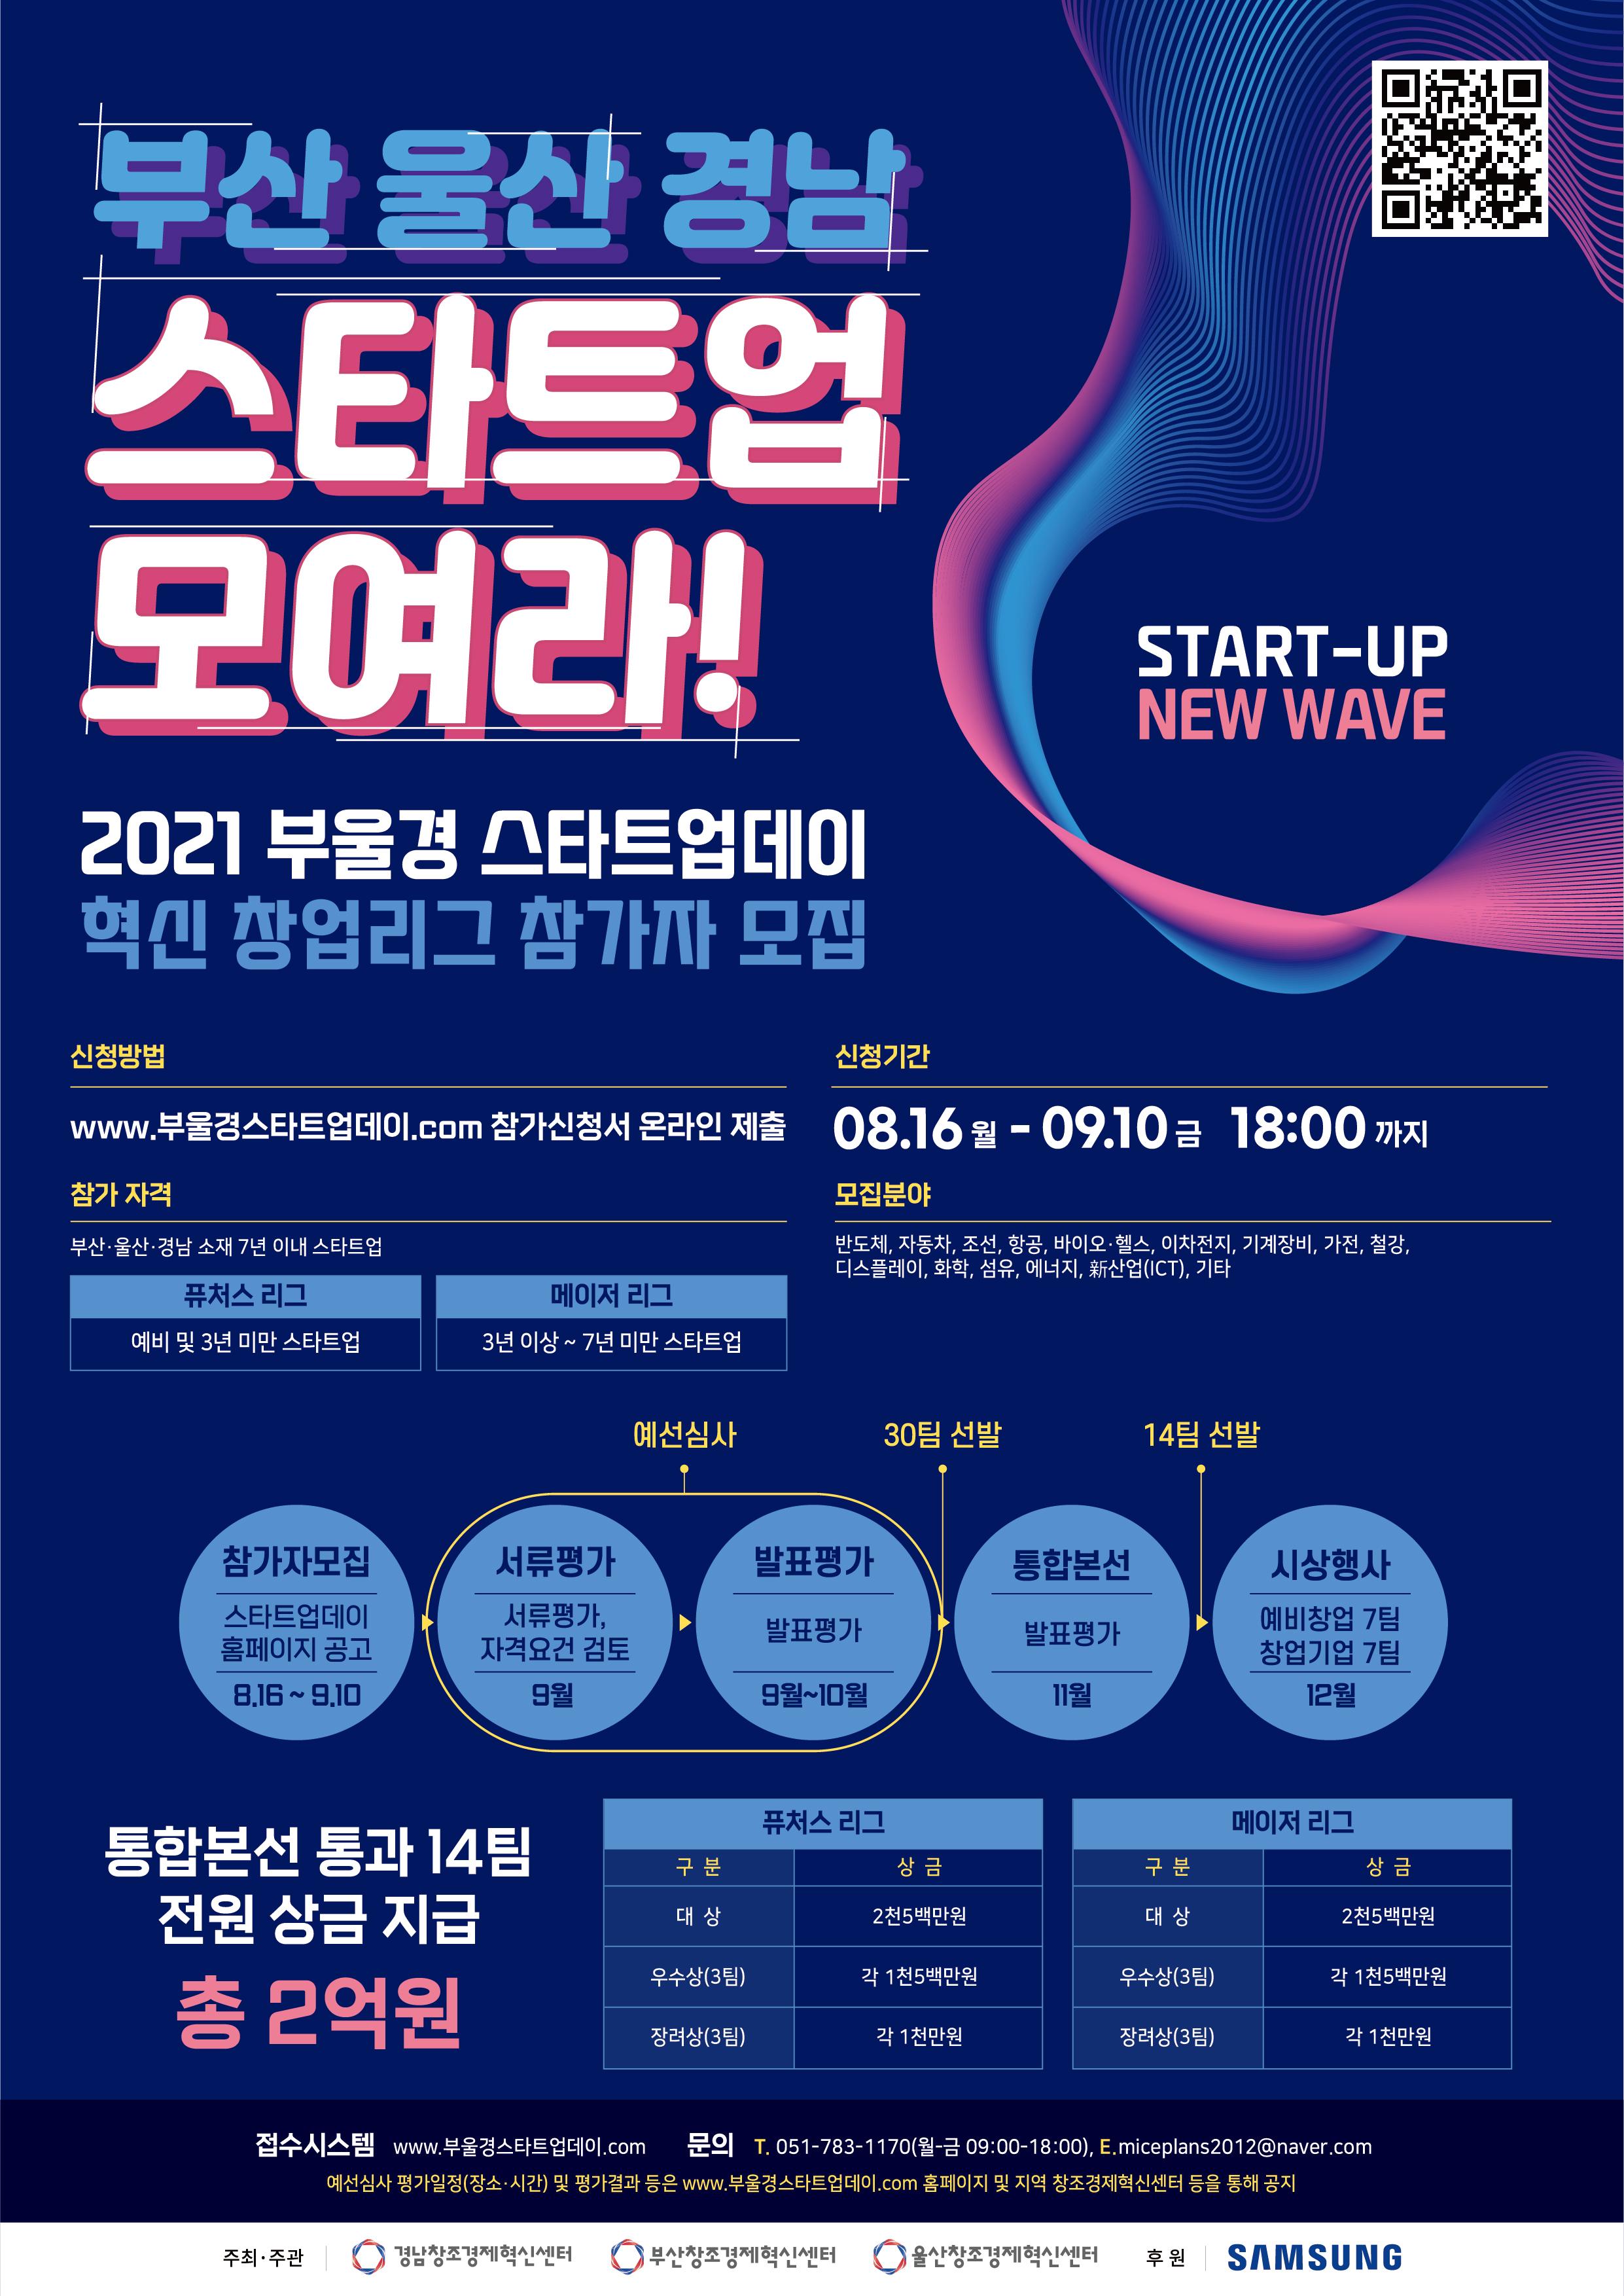 [부산창조경제혁신센터] 2021 부울경 스타트업데이 혁신창업리그